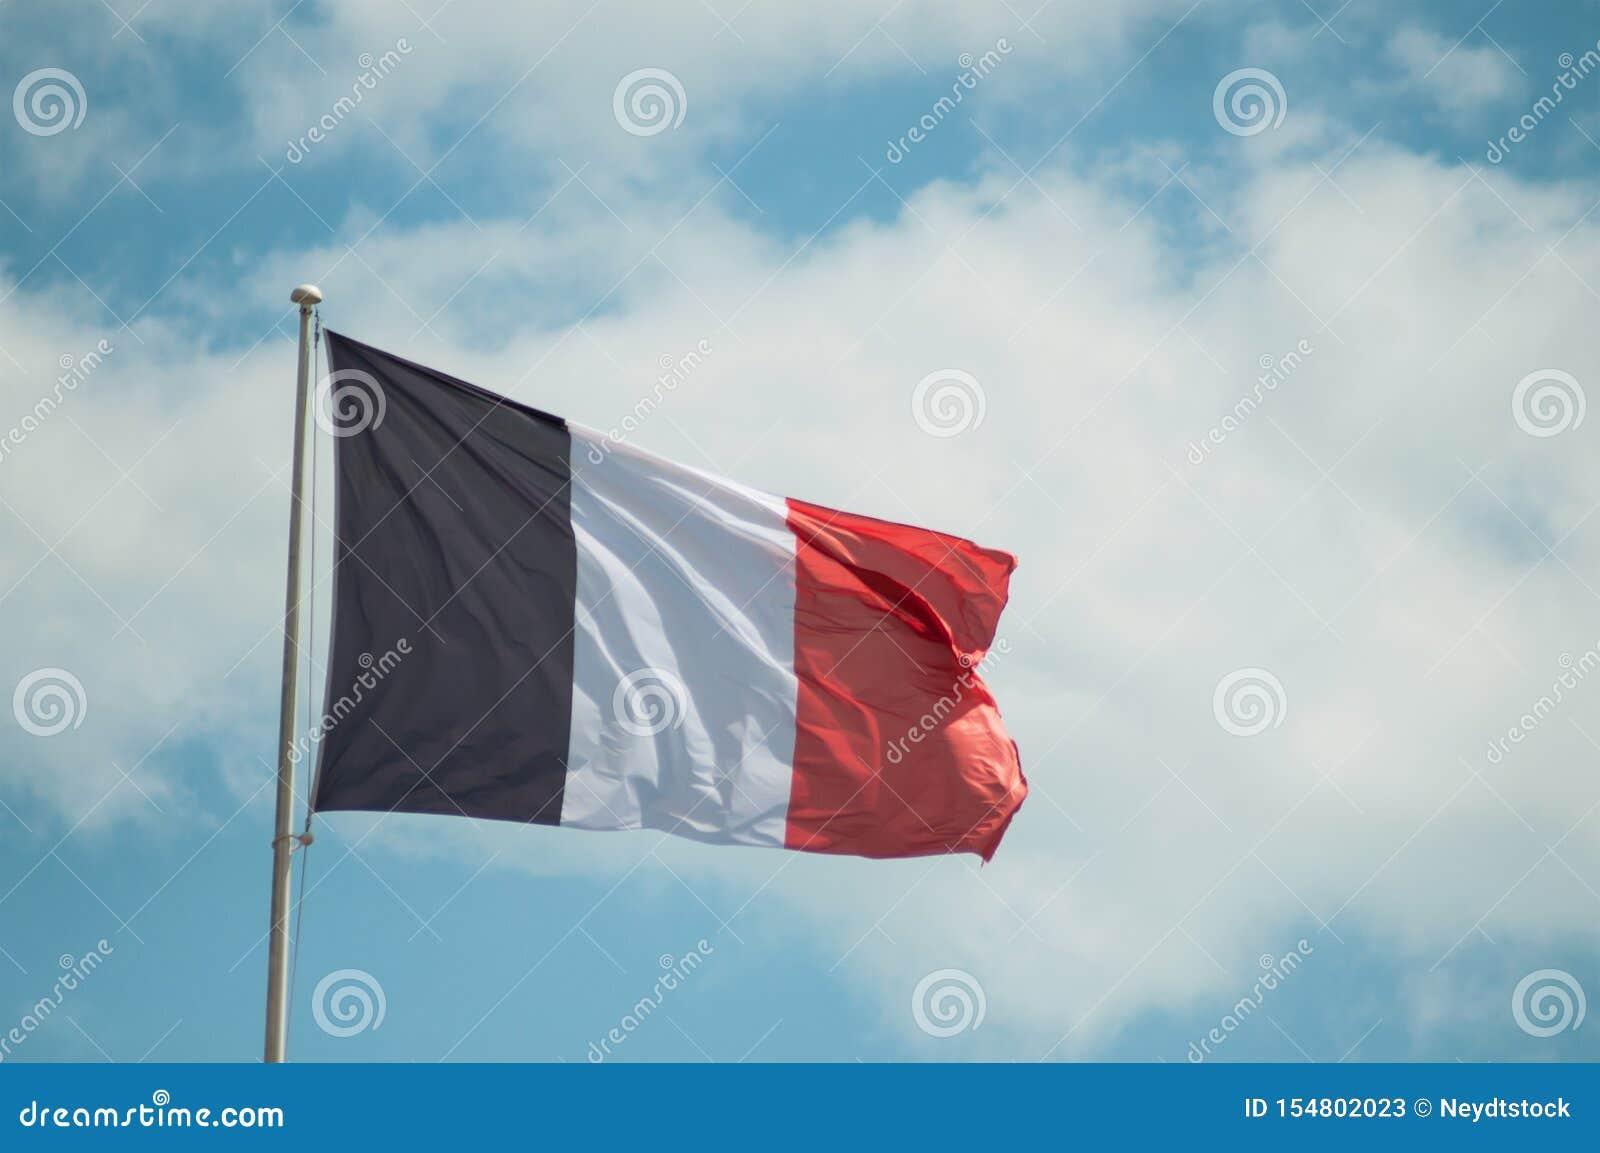 Drapeau français flottant sur le fond de ciel nuageux